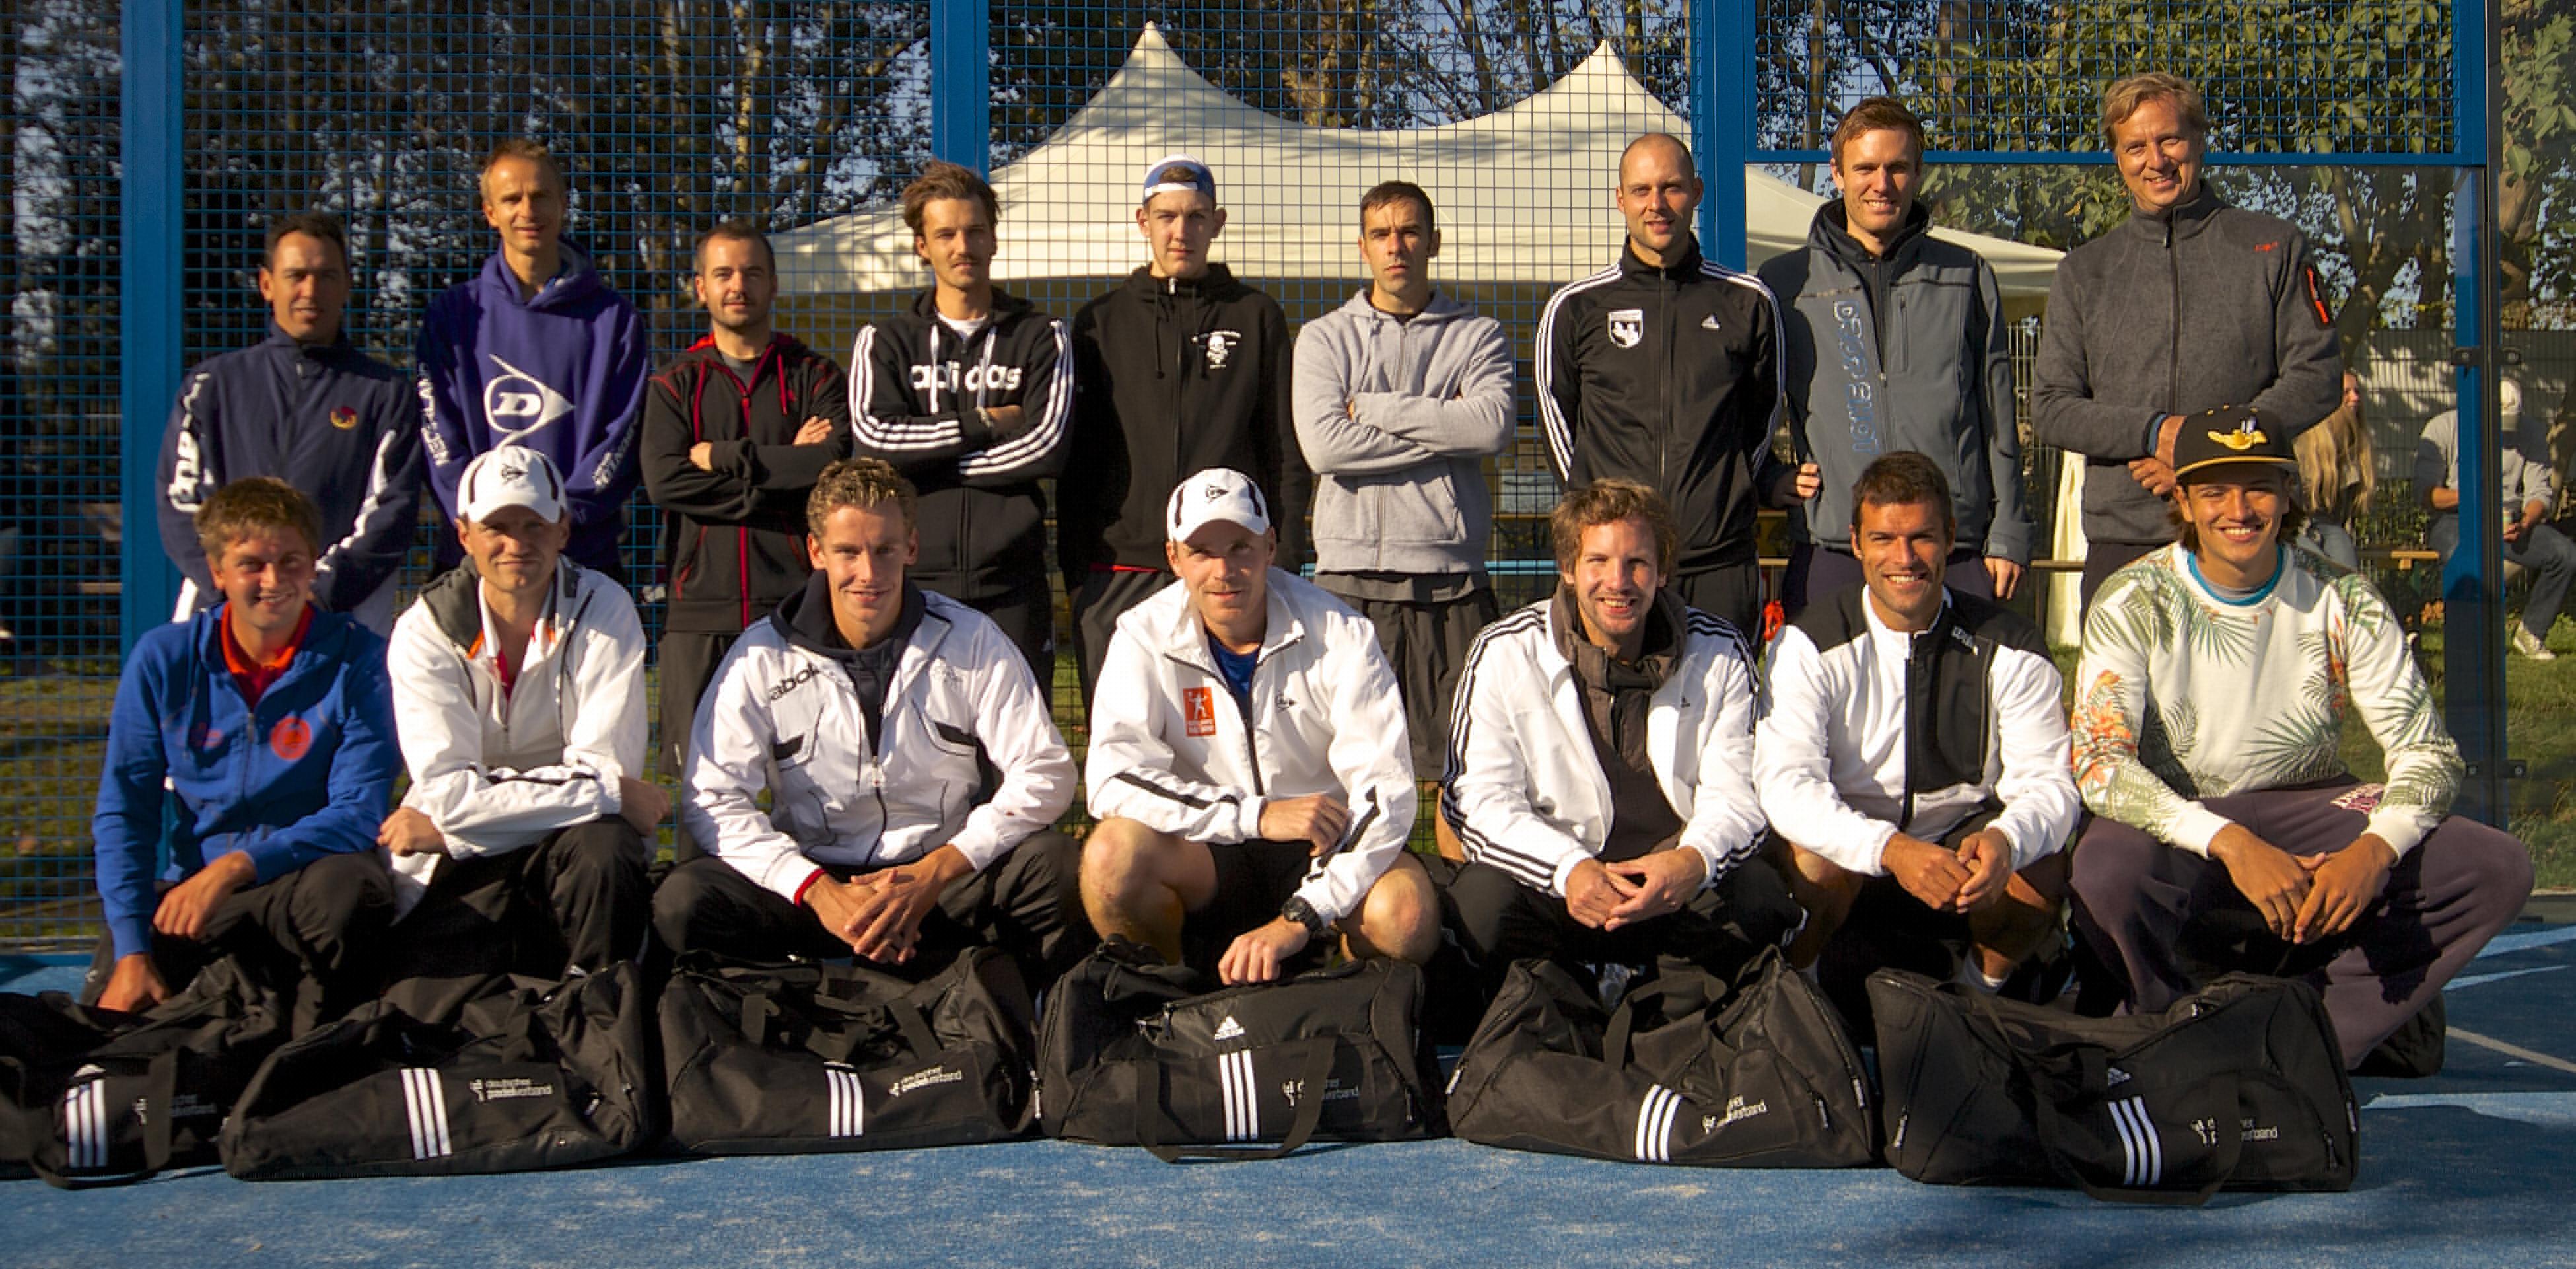 Teilnehmer German Padel Masters 2013